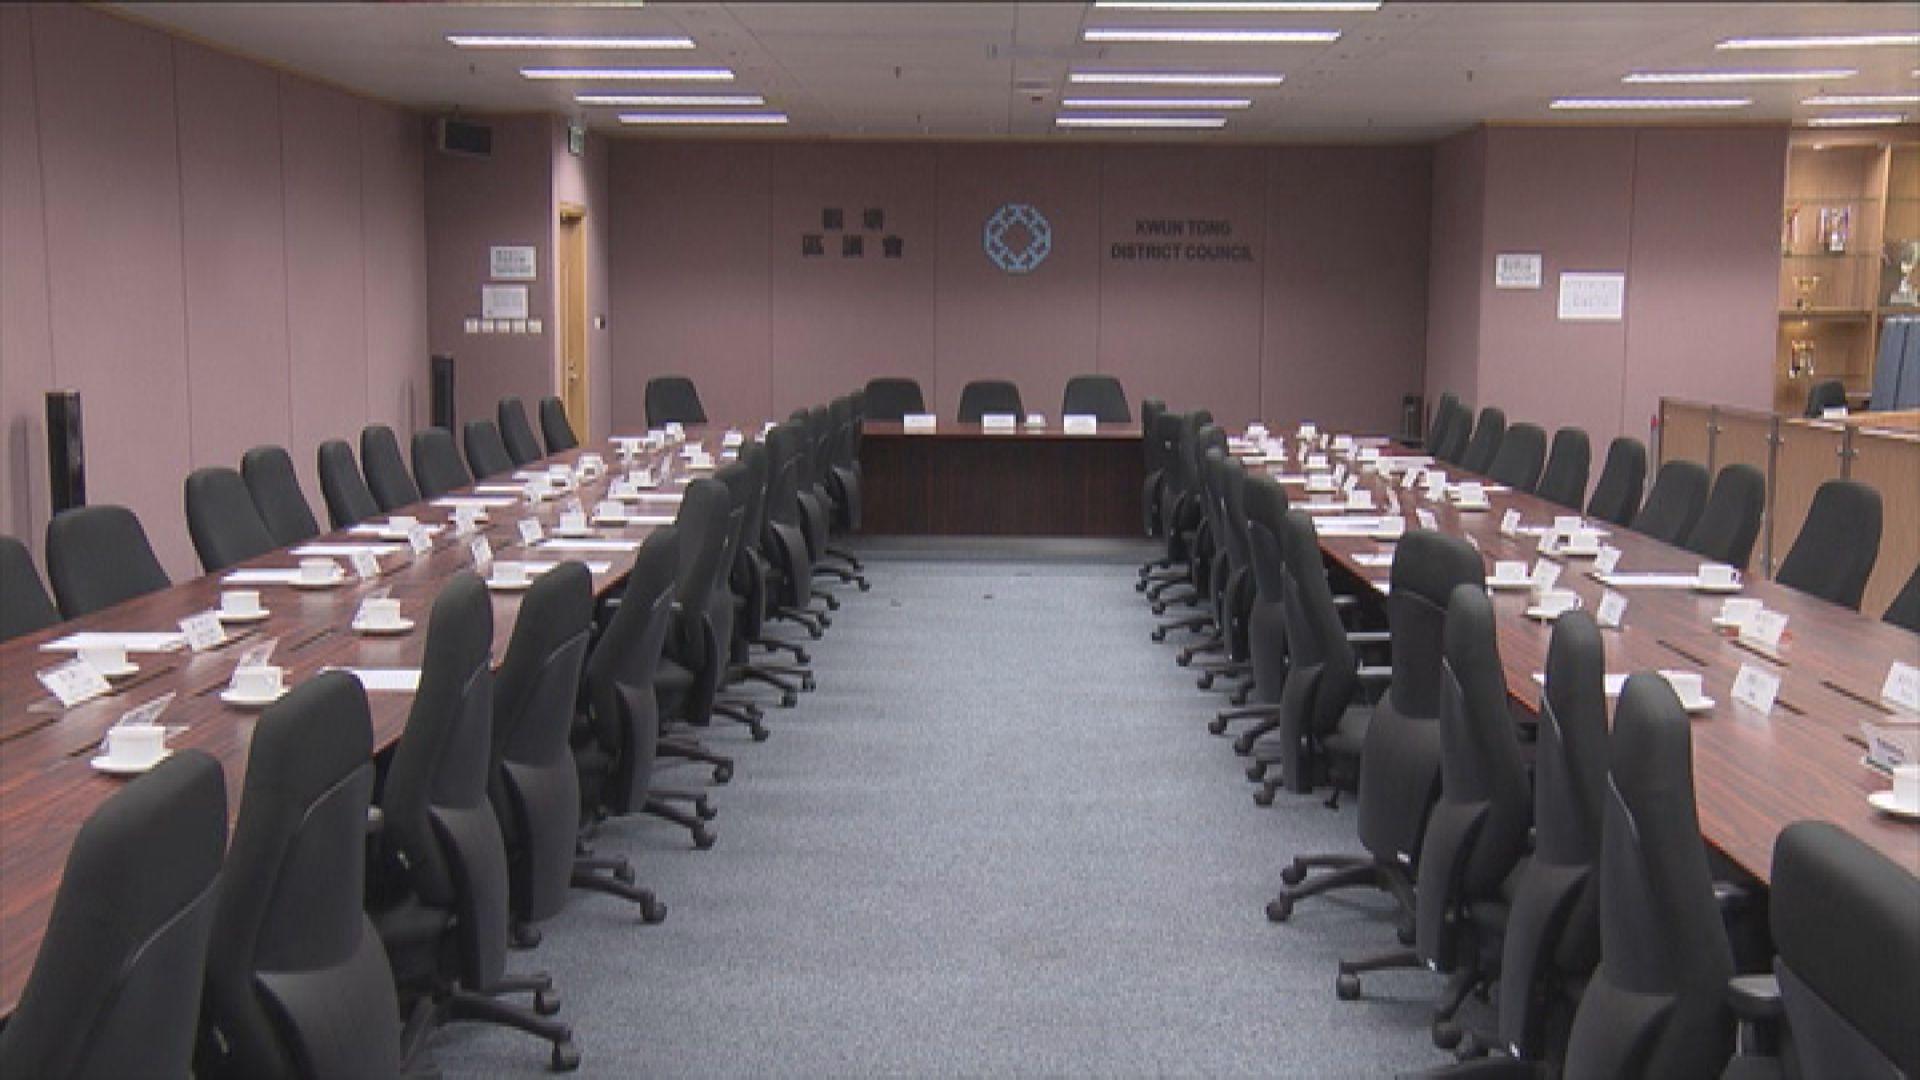 政府暫停區議會會議場地及秘書服務